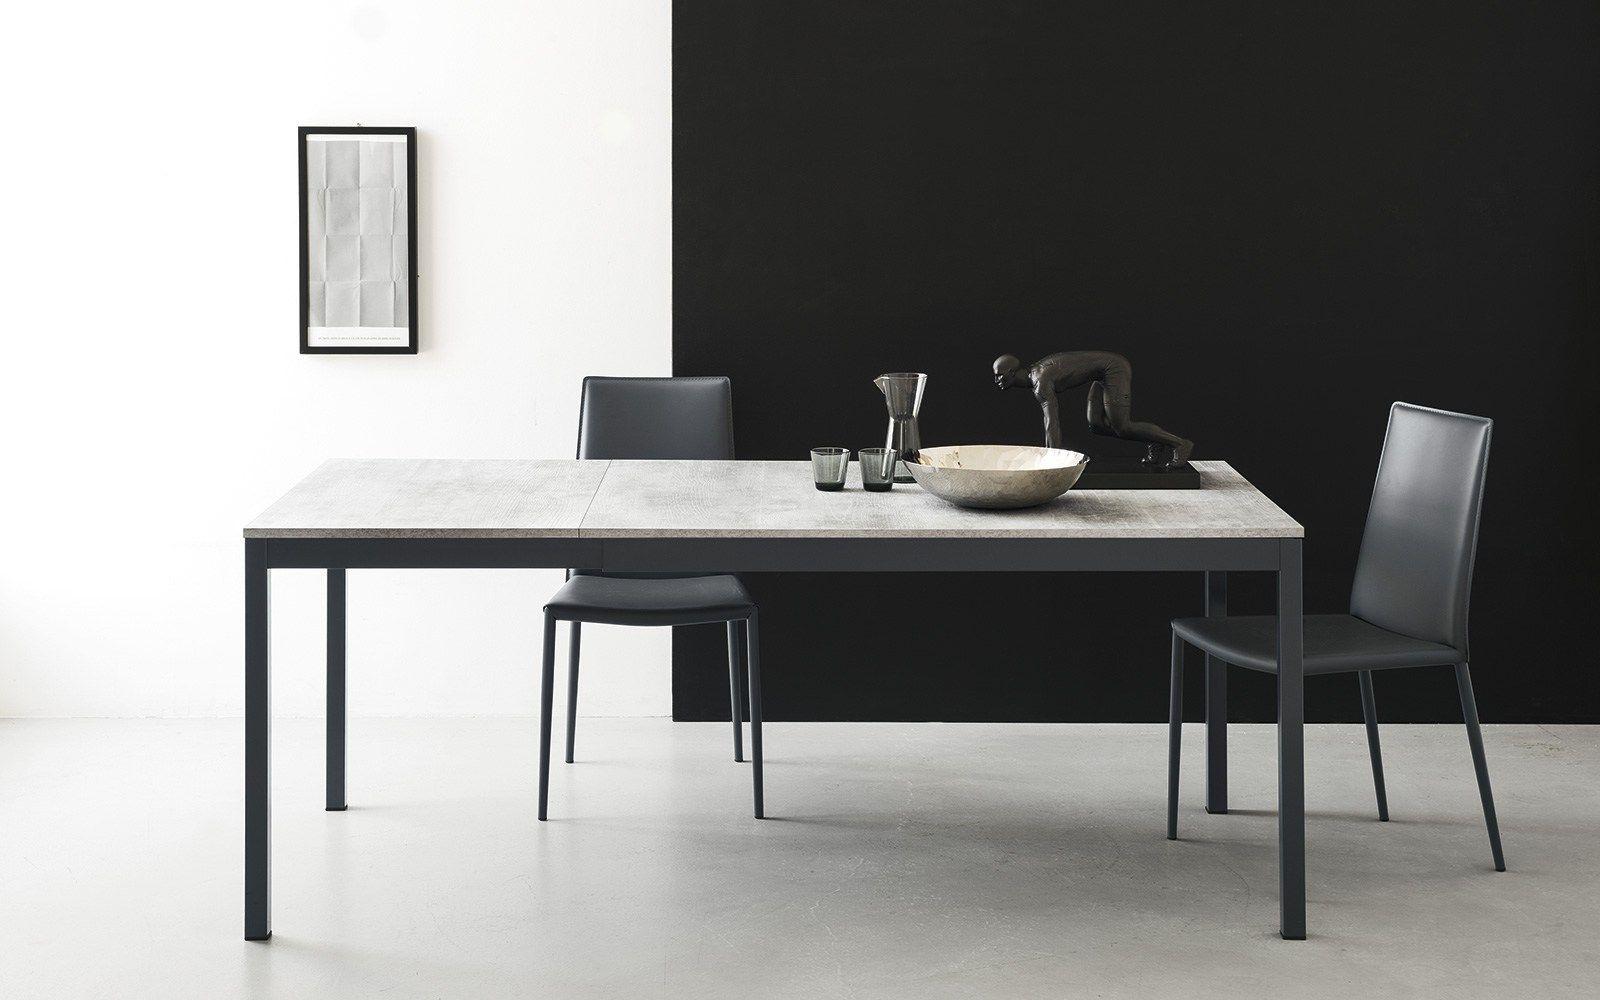 Boheme sedia by calligaris design sergio m mian for Prodotti calligaris